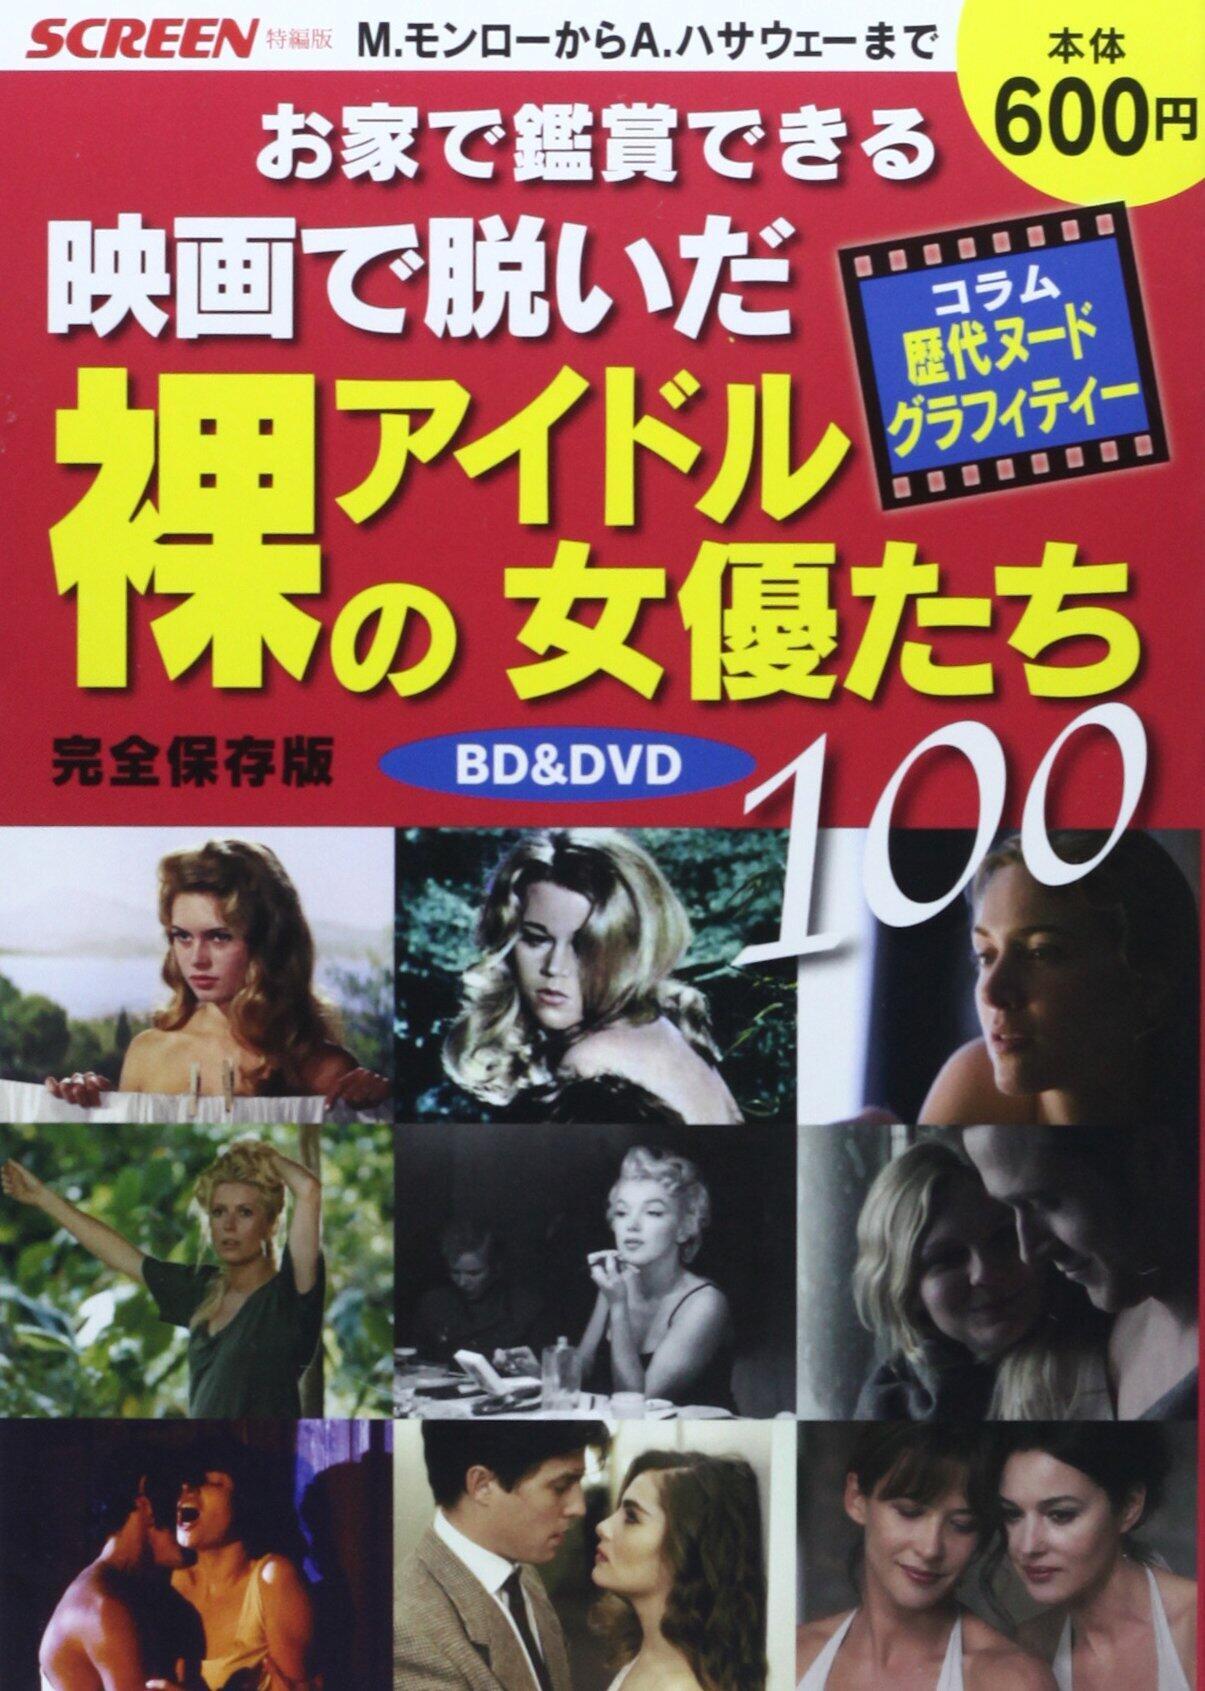 『お家で鑑賞できる 映画で脱いだ裸のアイドル女優たち100』のオリジナル版